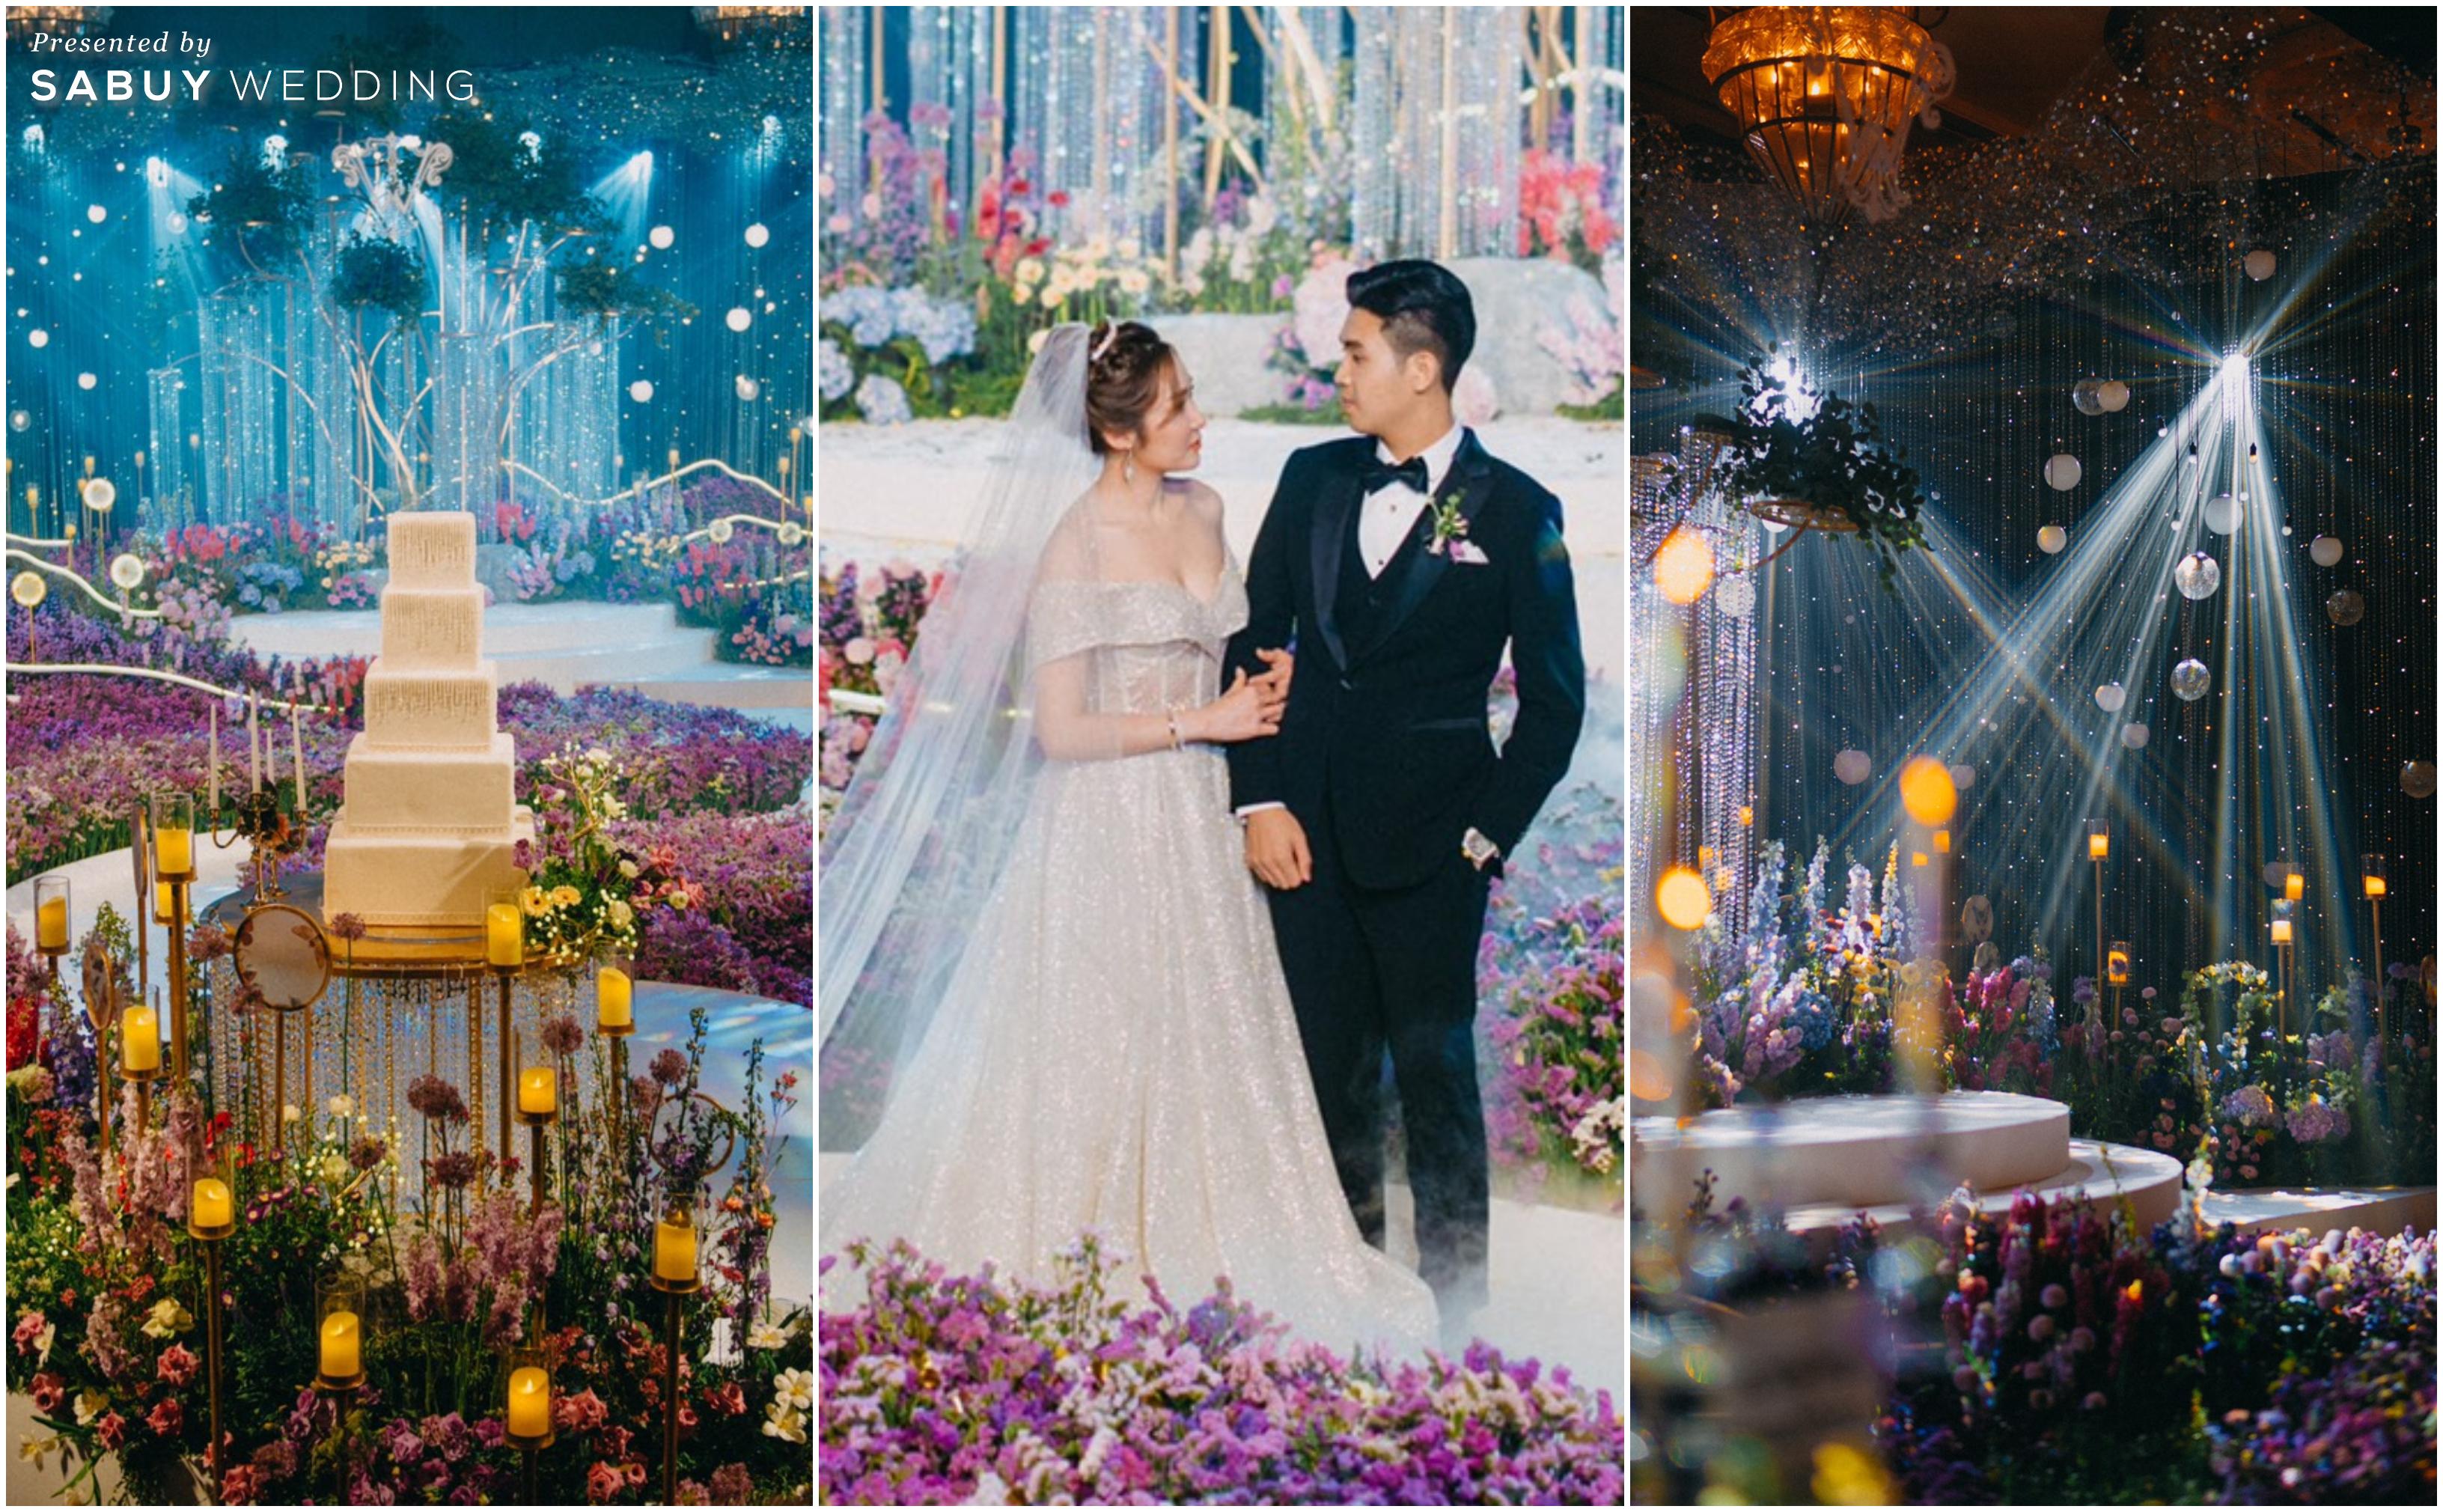 รีวิวงานแต่งสวยปัง สุดอลังด้วยสวนดอกไม้และคริสตัล @ Waldorf Astoria Bangkok